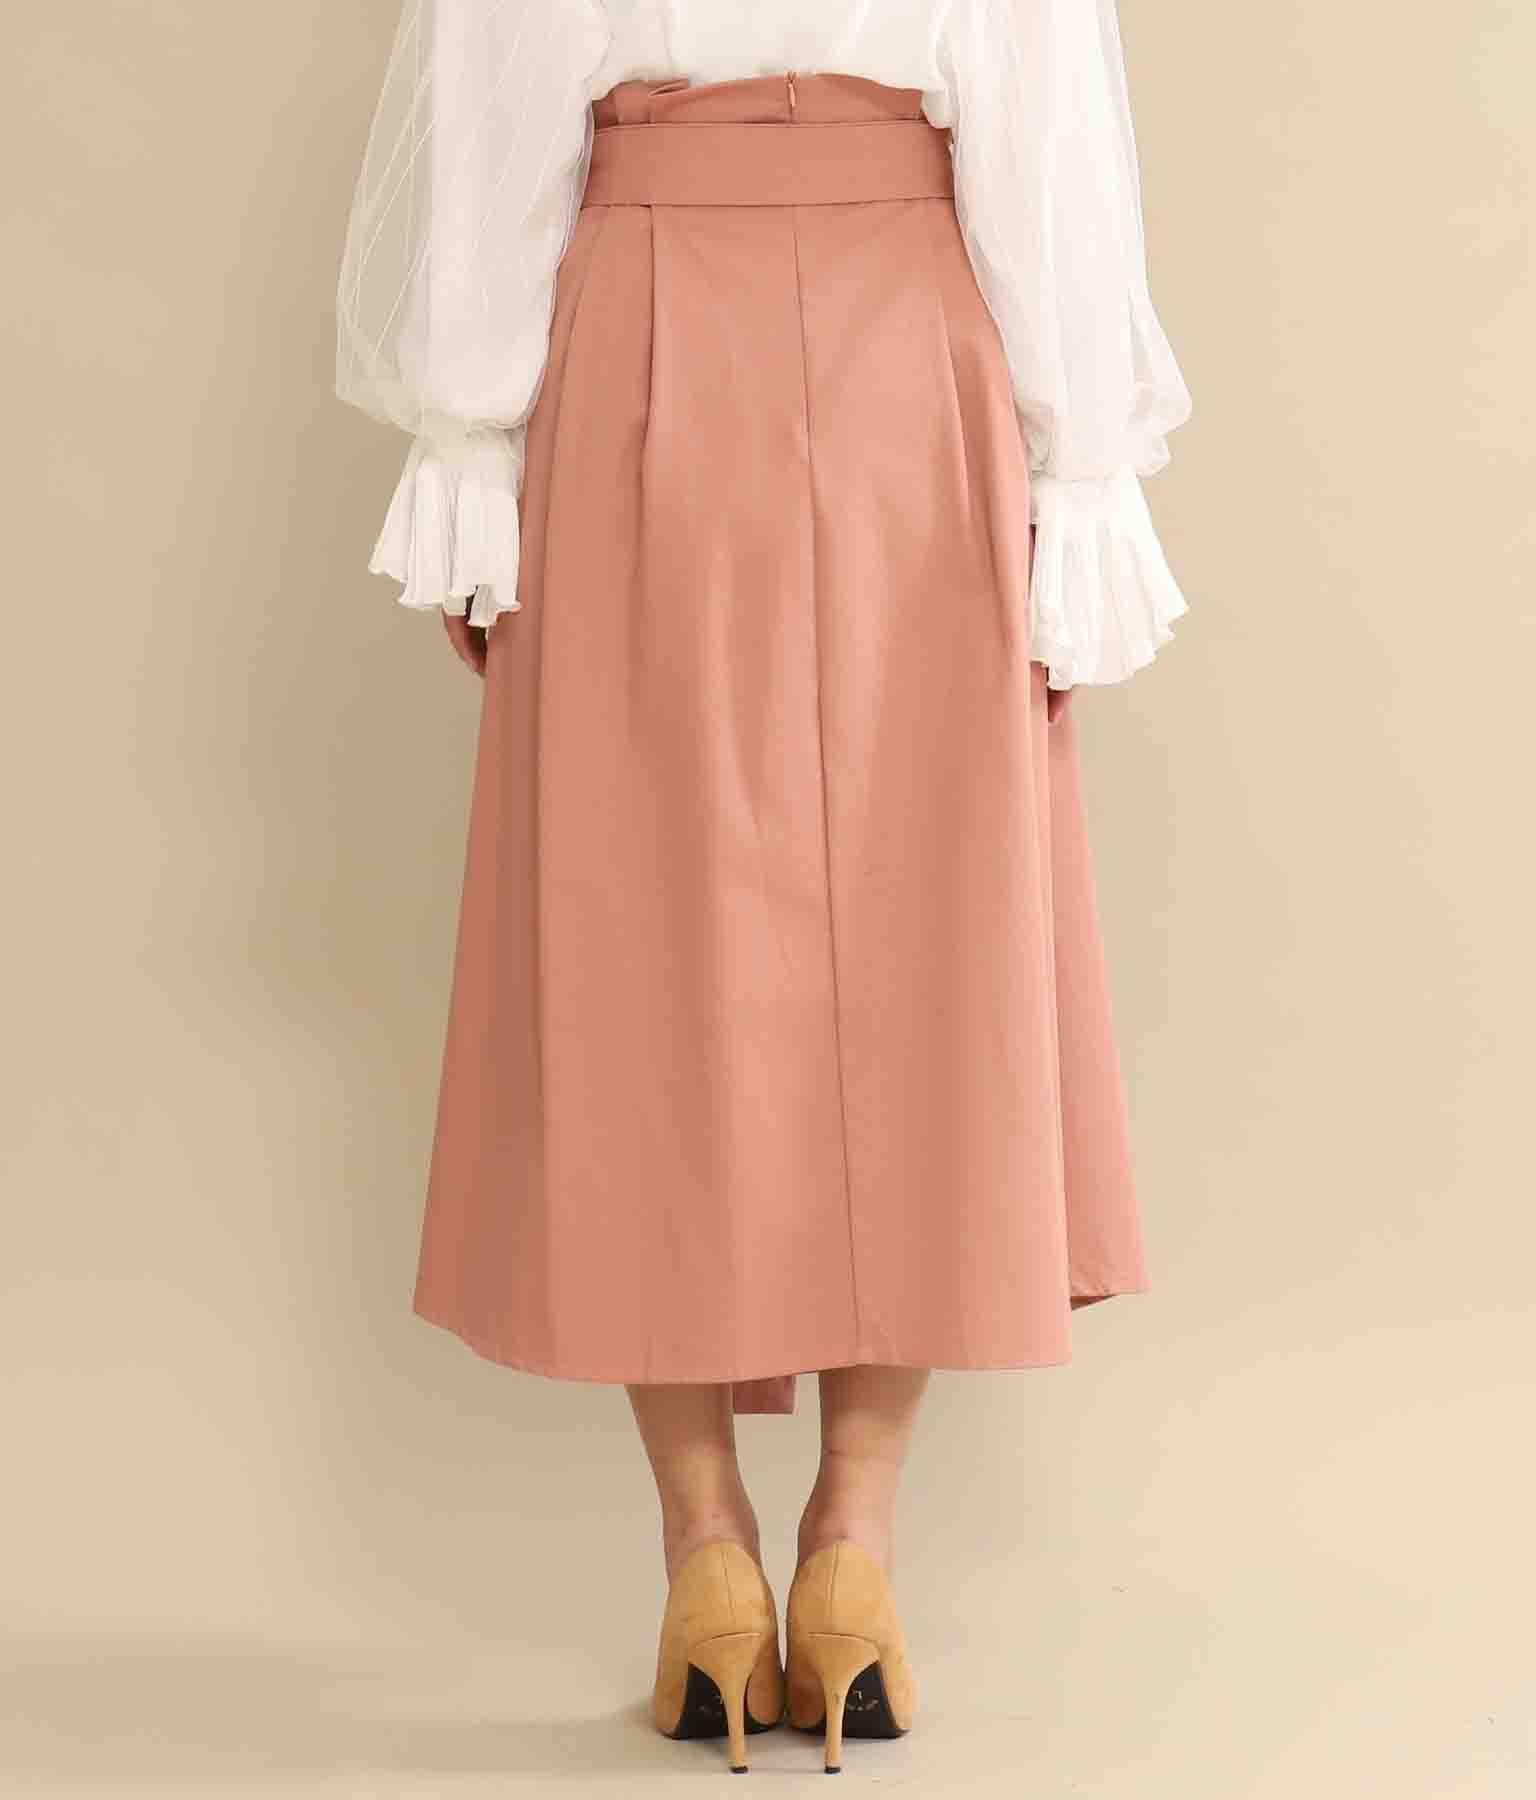 ウエストタック入りフレアスカート(ボトムス・パンツ /スカート)   CHILLE